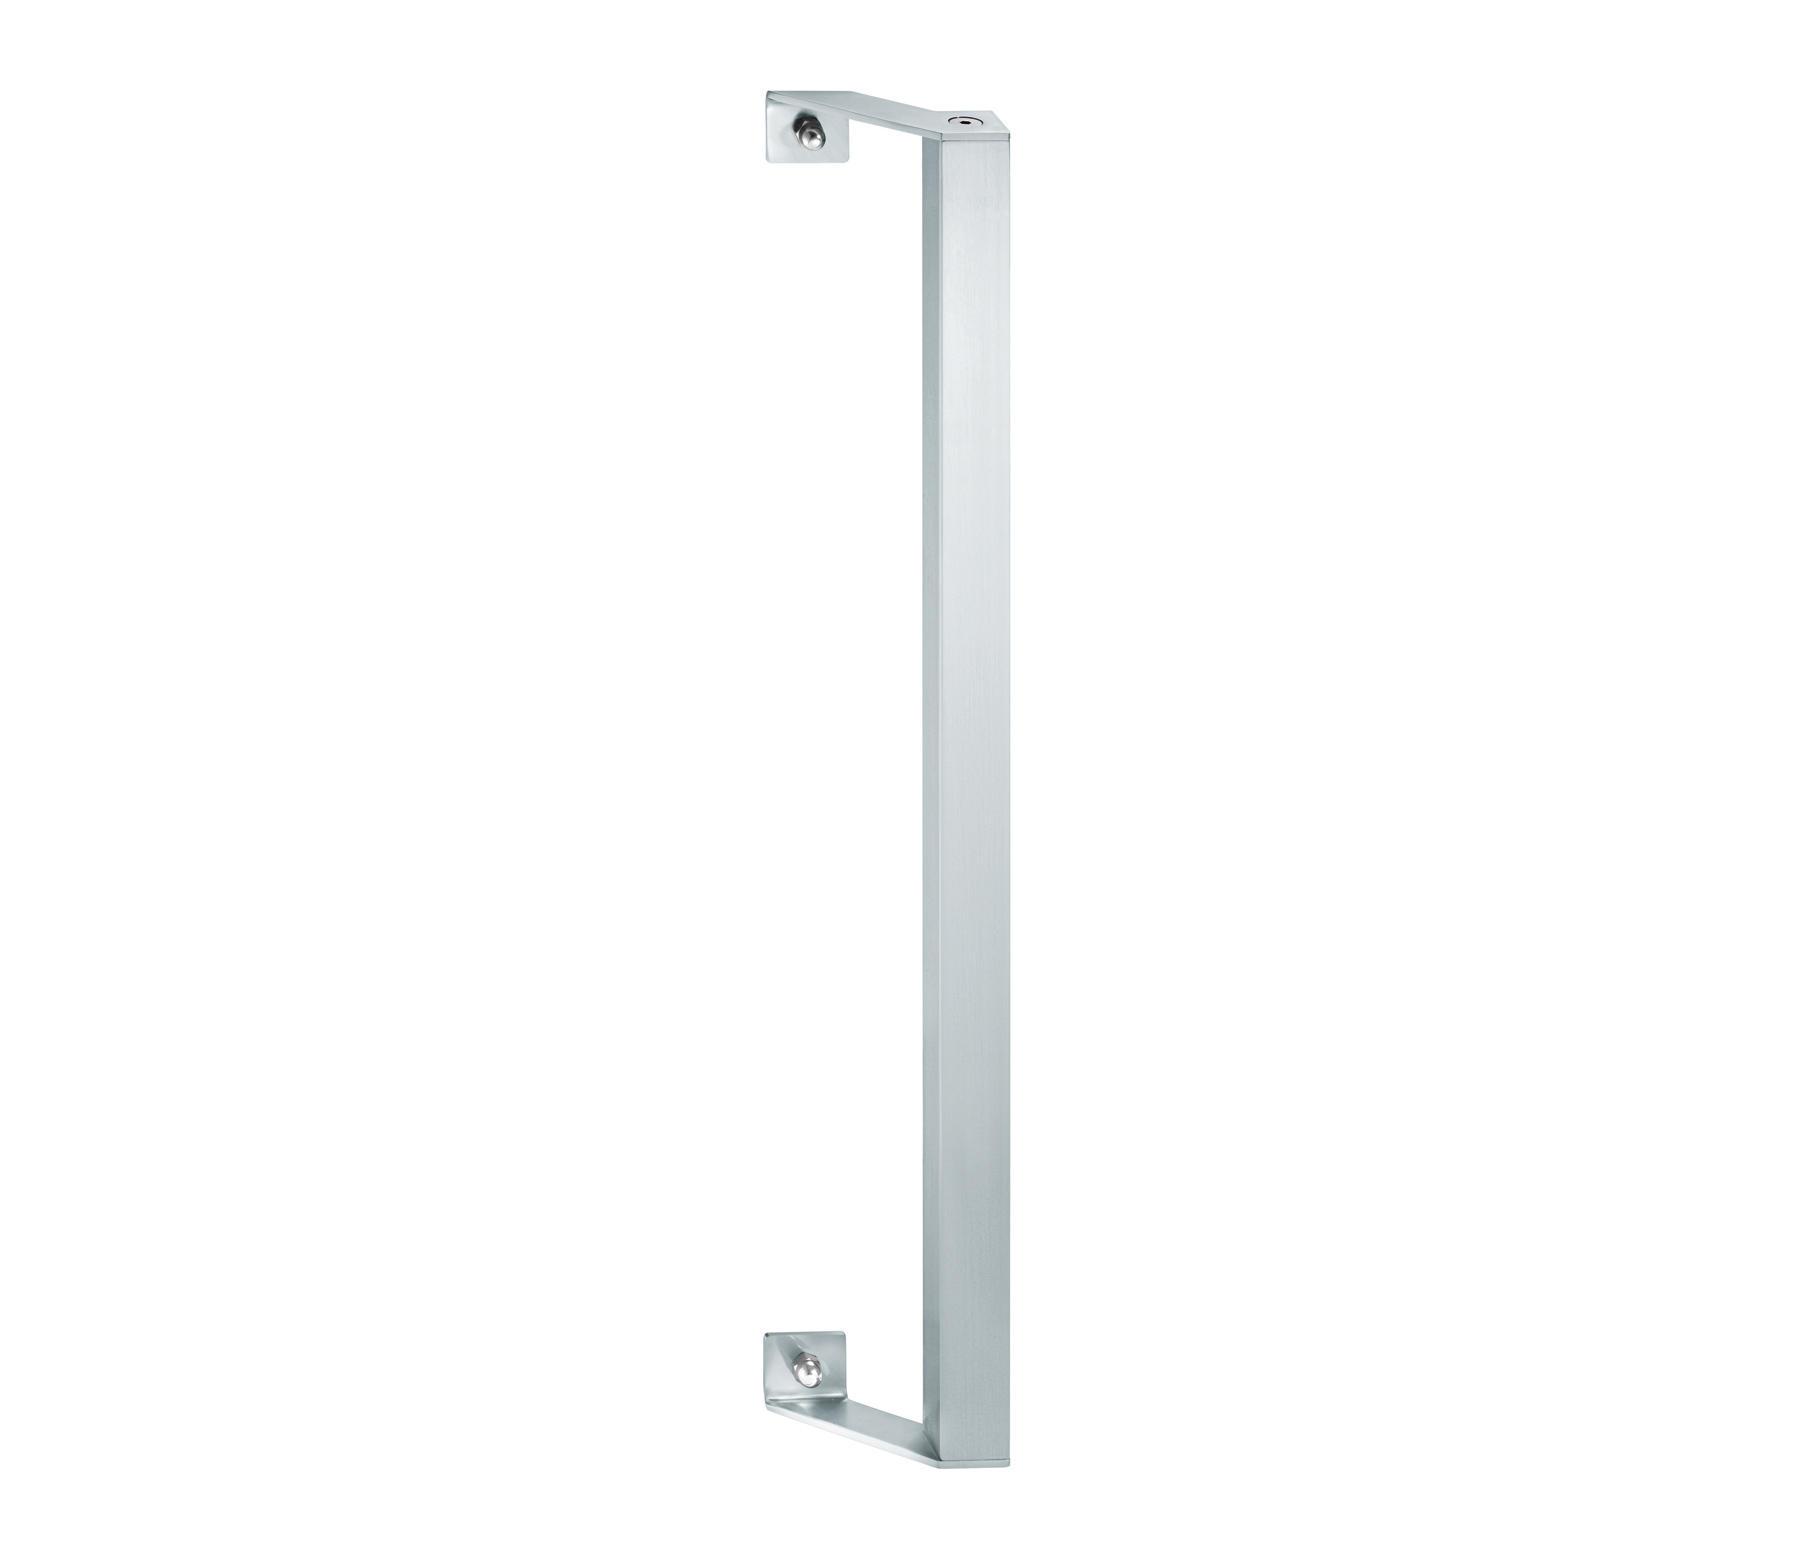 FSB 6527 DOOR PULL - Pull handles from FSB | Architonic